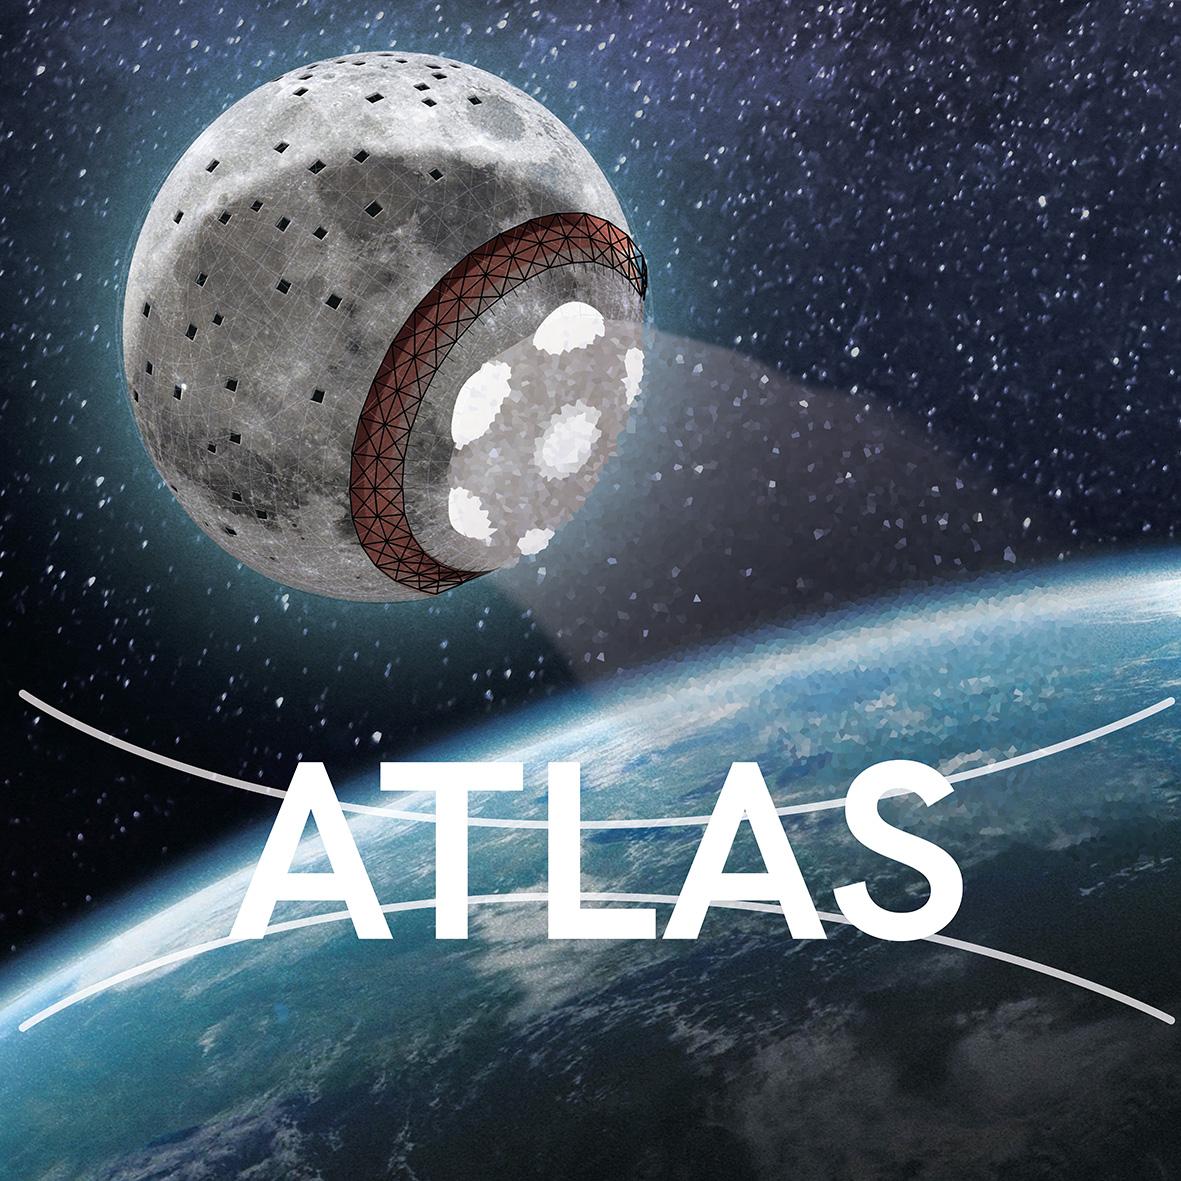 ATLAS - ECOSYSTEM : The MoonTEAM MEMBERS : Louis-Éric Daignault, Félix Krauth, Christophe Leick, François Bergeron